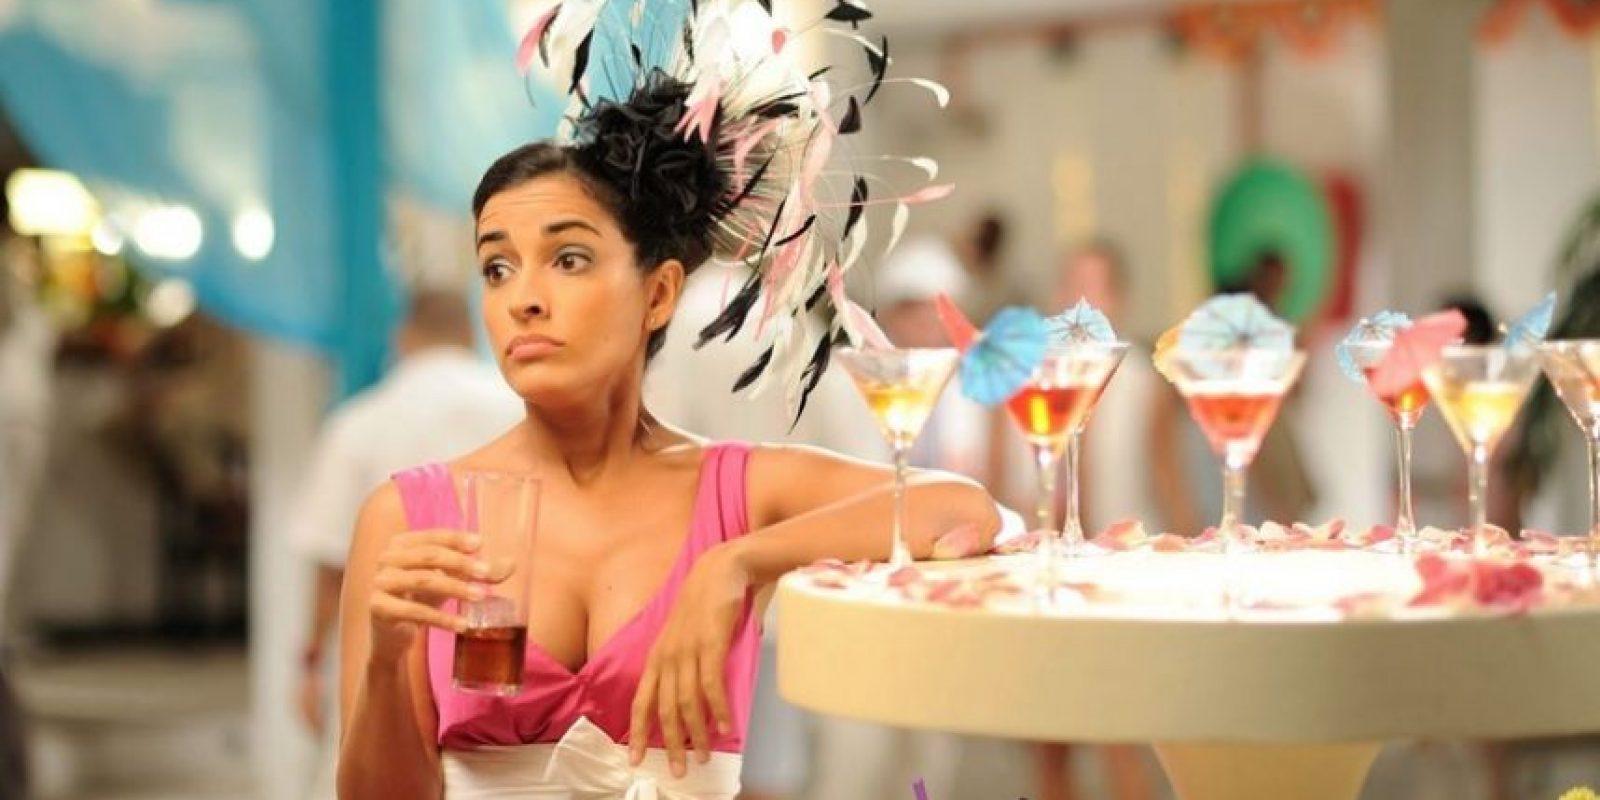 """2. """"Seguro que pides demasiado"""": cuando una chica no encuentra pareja suele preguntársele si no tendrá demasiadas exigencias. Foto:Pinterest"""